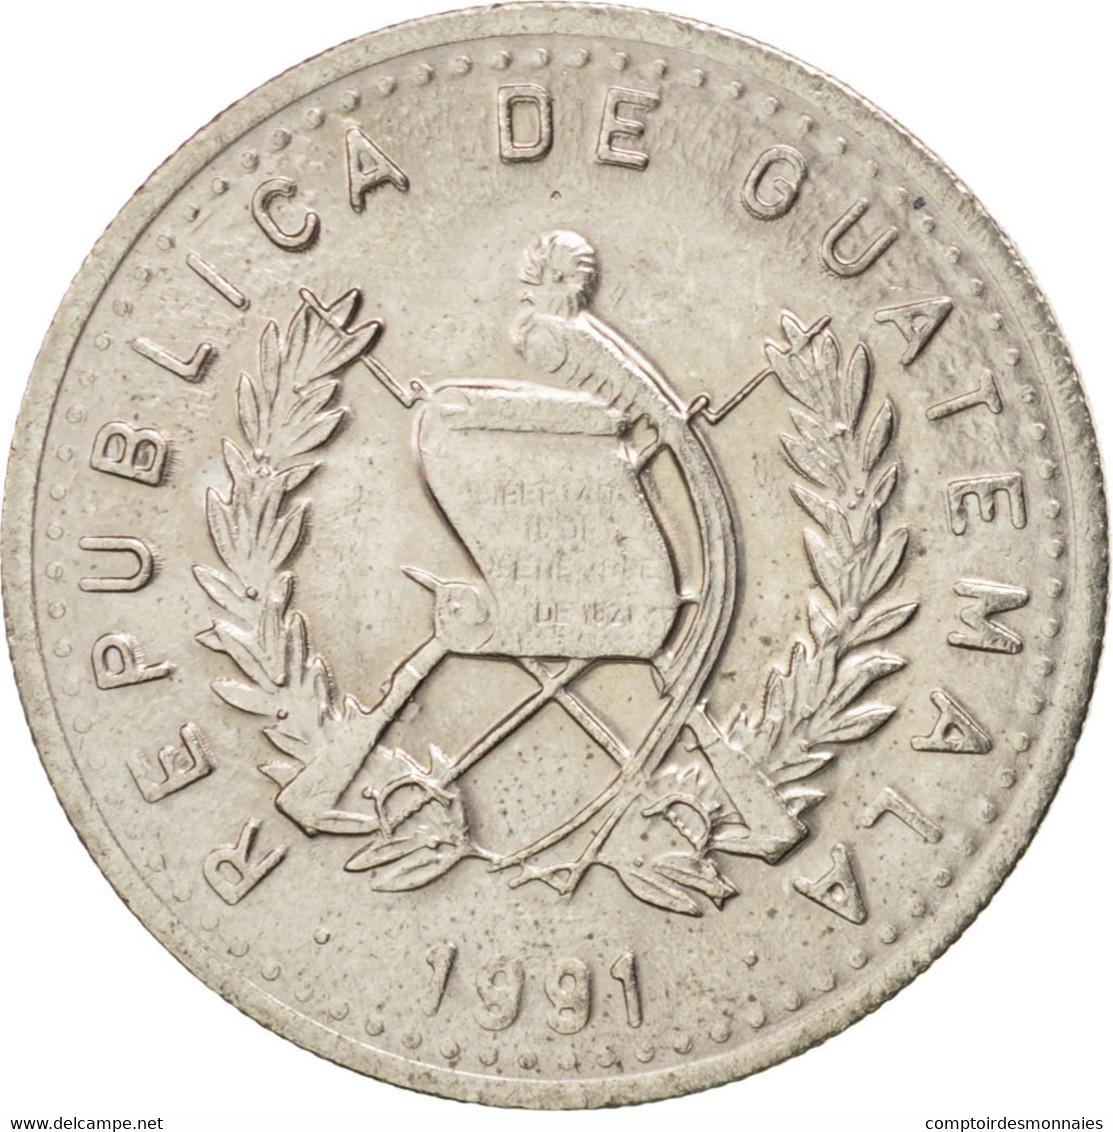 Guatemala, République, 10 Centavos 1991, KM 277.5 - Guatemala